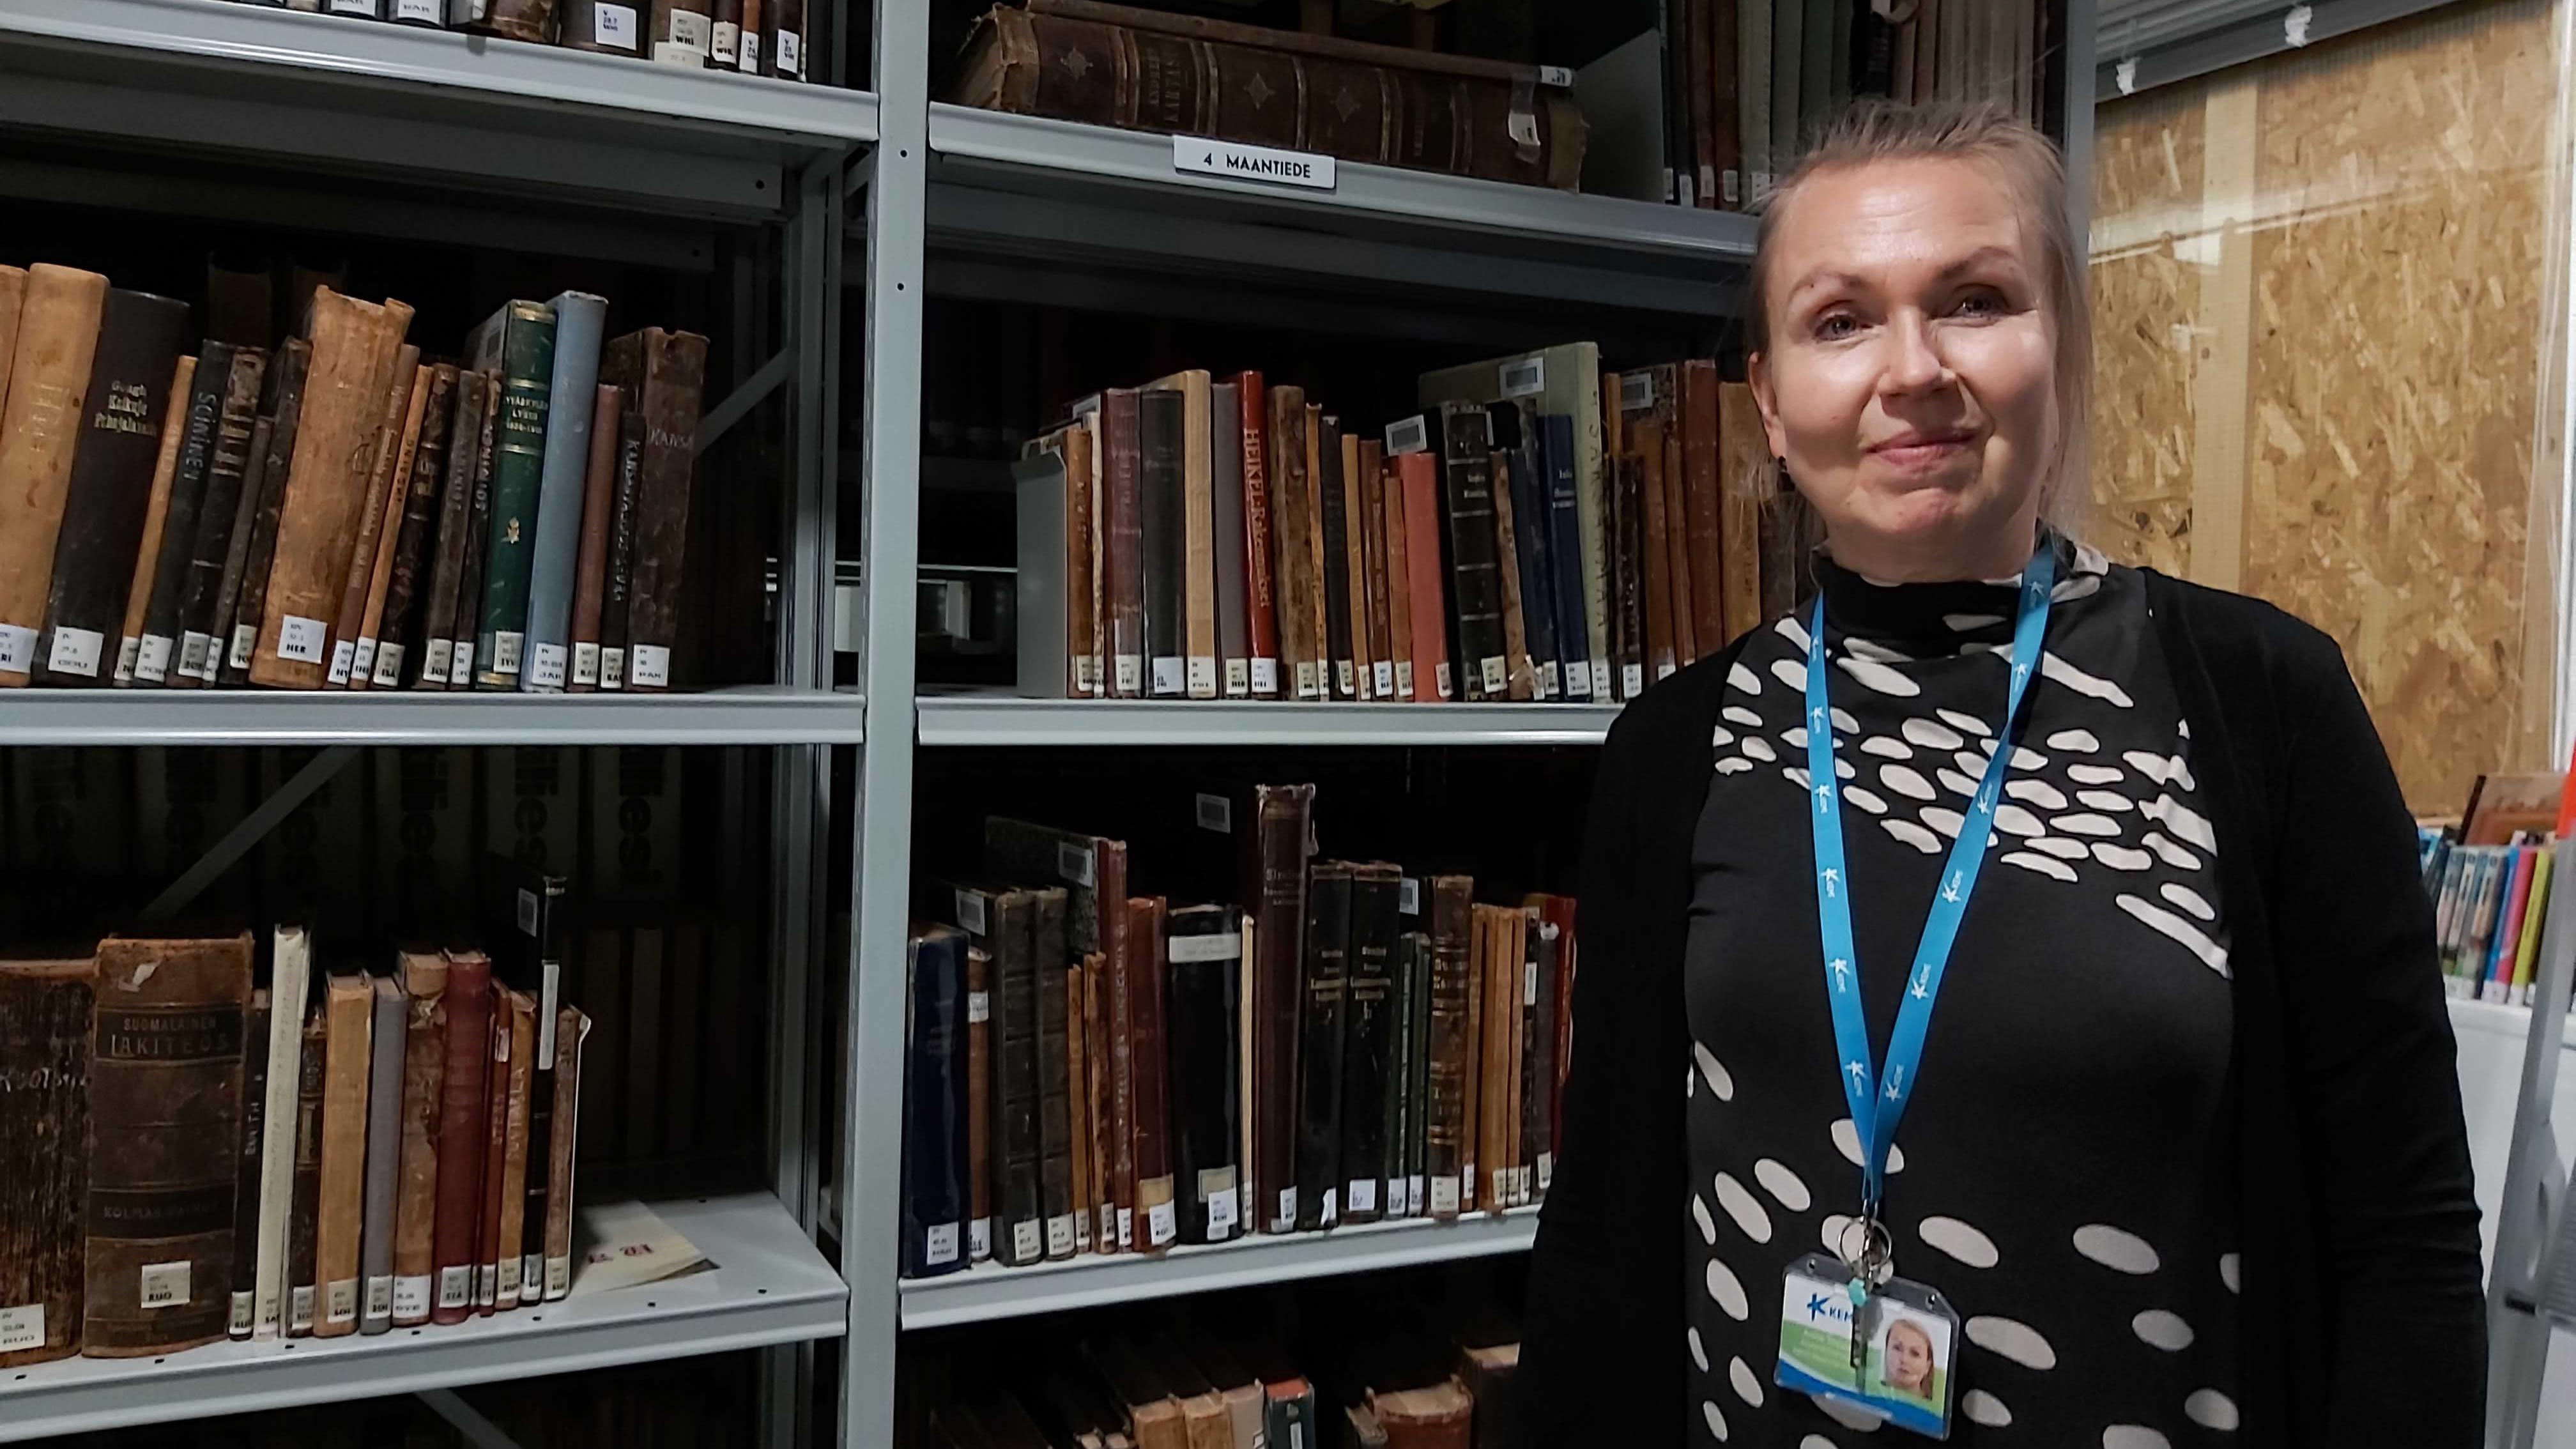 Kemin vapaa-aikapäällikkö Anne Toppari seisoo kirjavarastossa kirjahyllyn edessä.